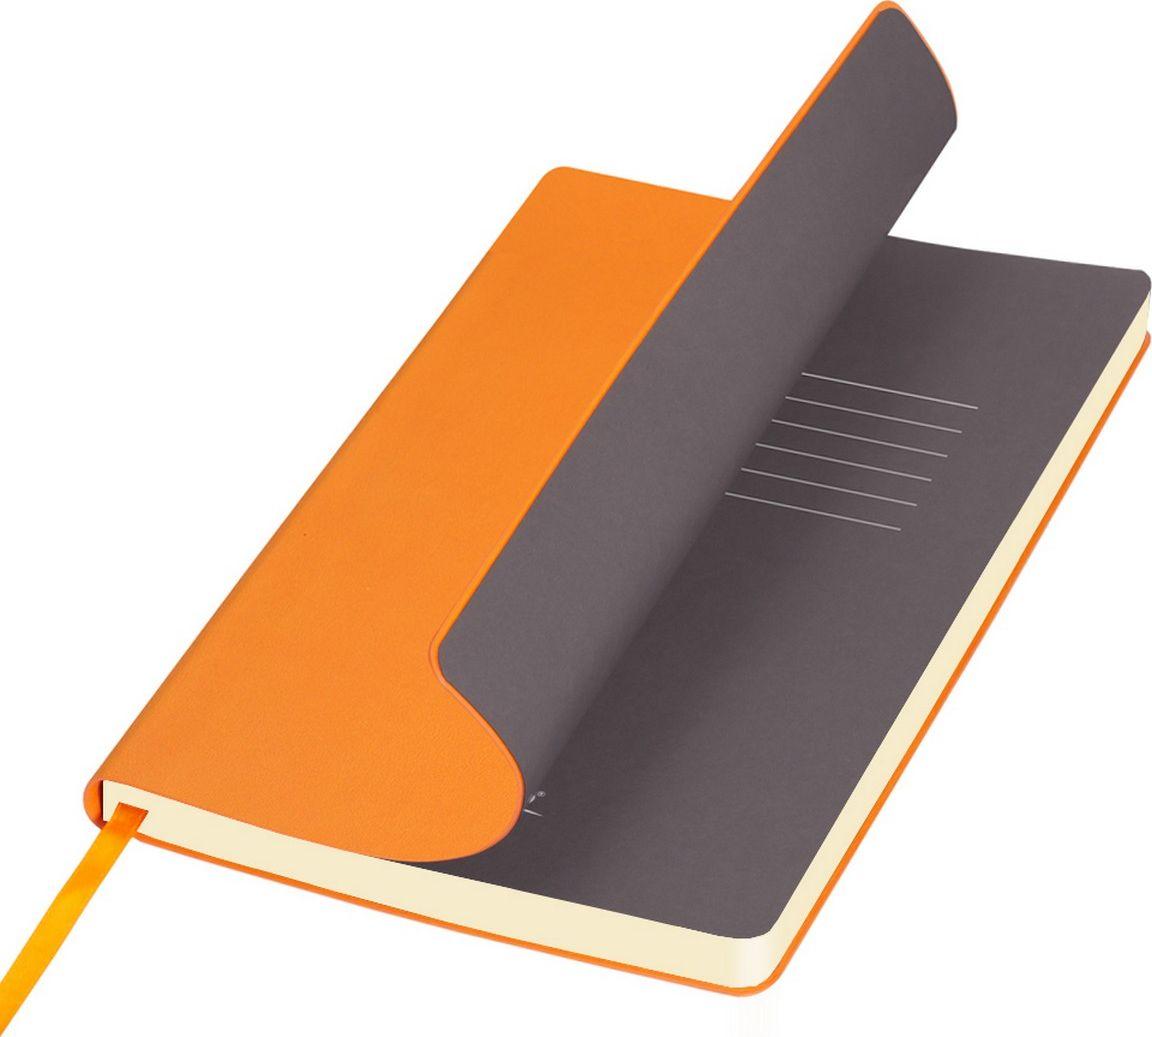 Portobello Trend Ежедневник недатированный Sky 128 листов цвет оранжевый серыйLXX1401141-070/1Мягкая обложка выполнена из материала вельвет с чуть заметно проступающей фактурой нубука. На ощупь гладкая. Форзацы – цветные. Цвета-компаньоны форзацев и срезов подобраны идеально, что предполагает гармоничное визуальное восприятие. Срез ежедневника не окрашен.